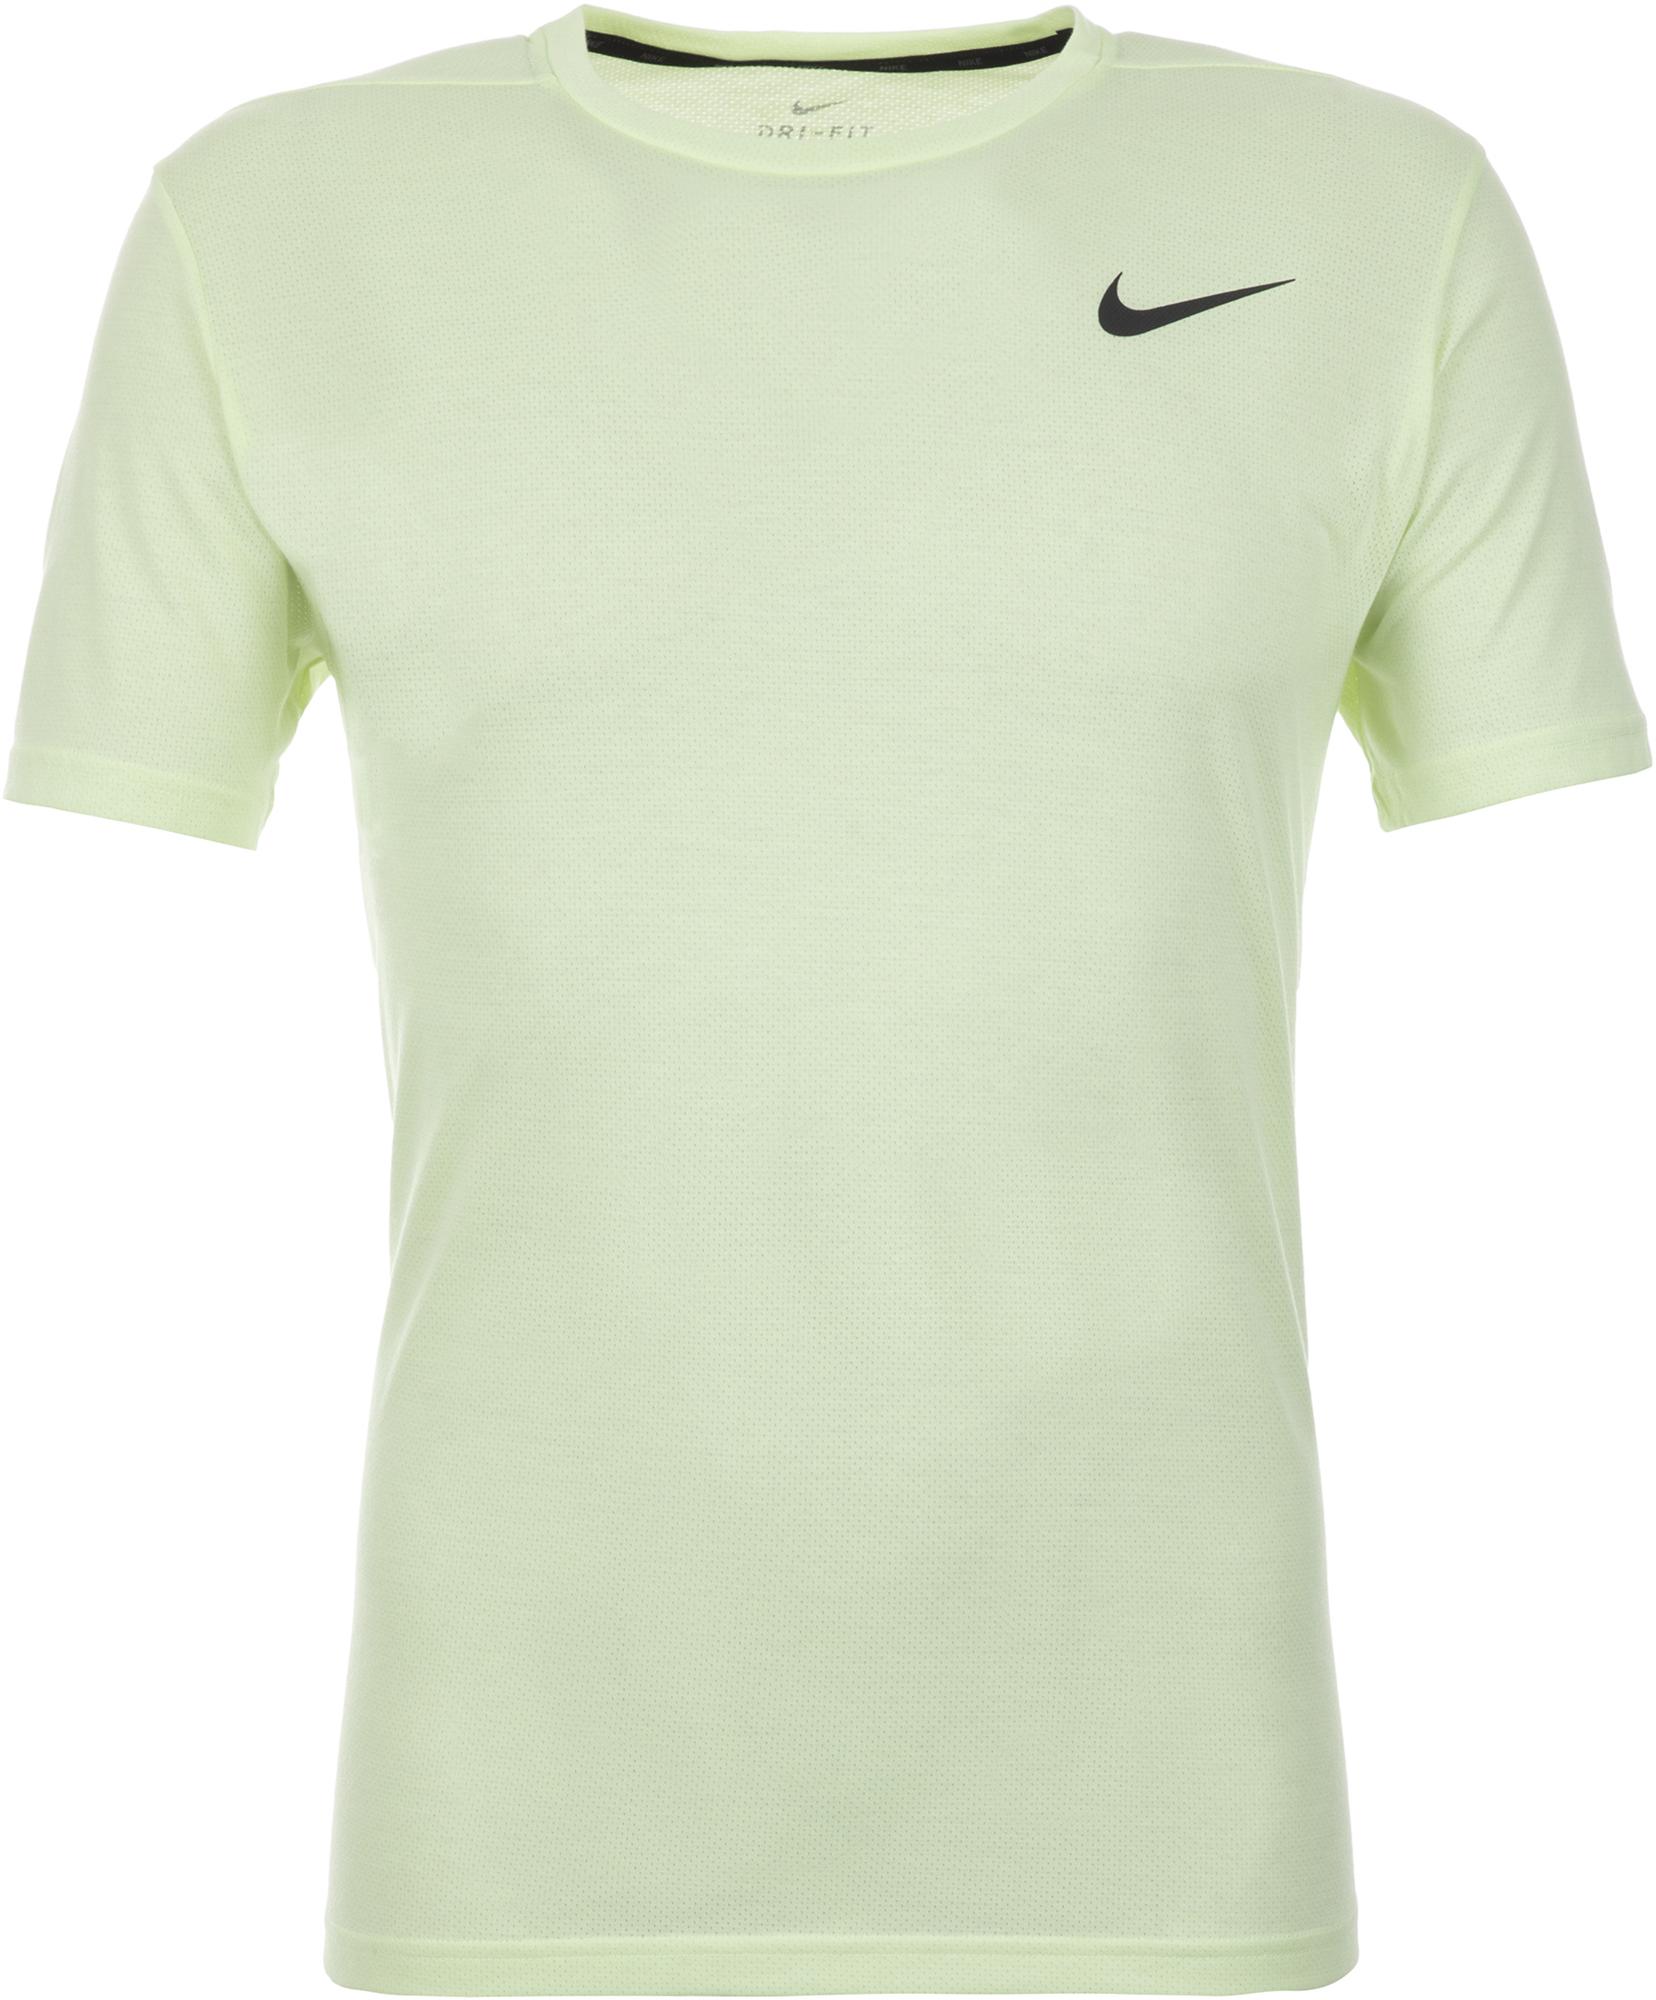 Nike Футболка мужская Nike Breathe, размер 52-54 цена 2017